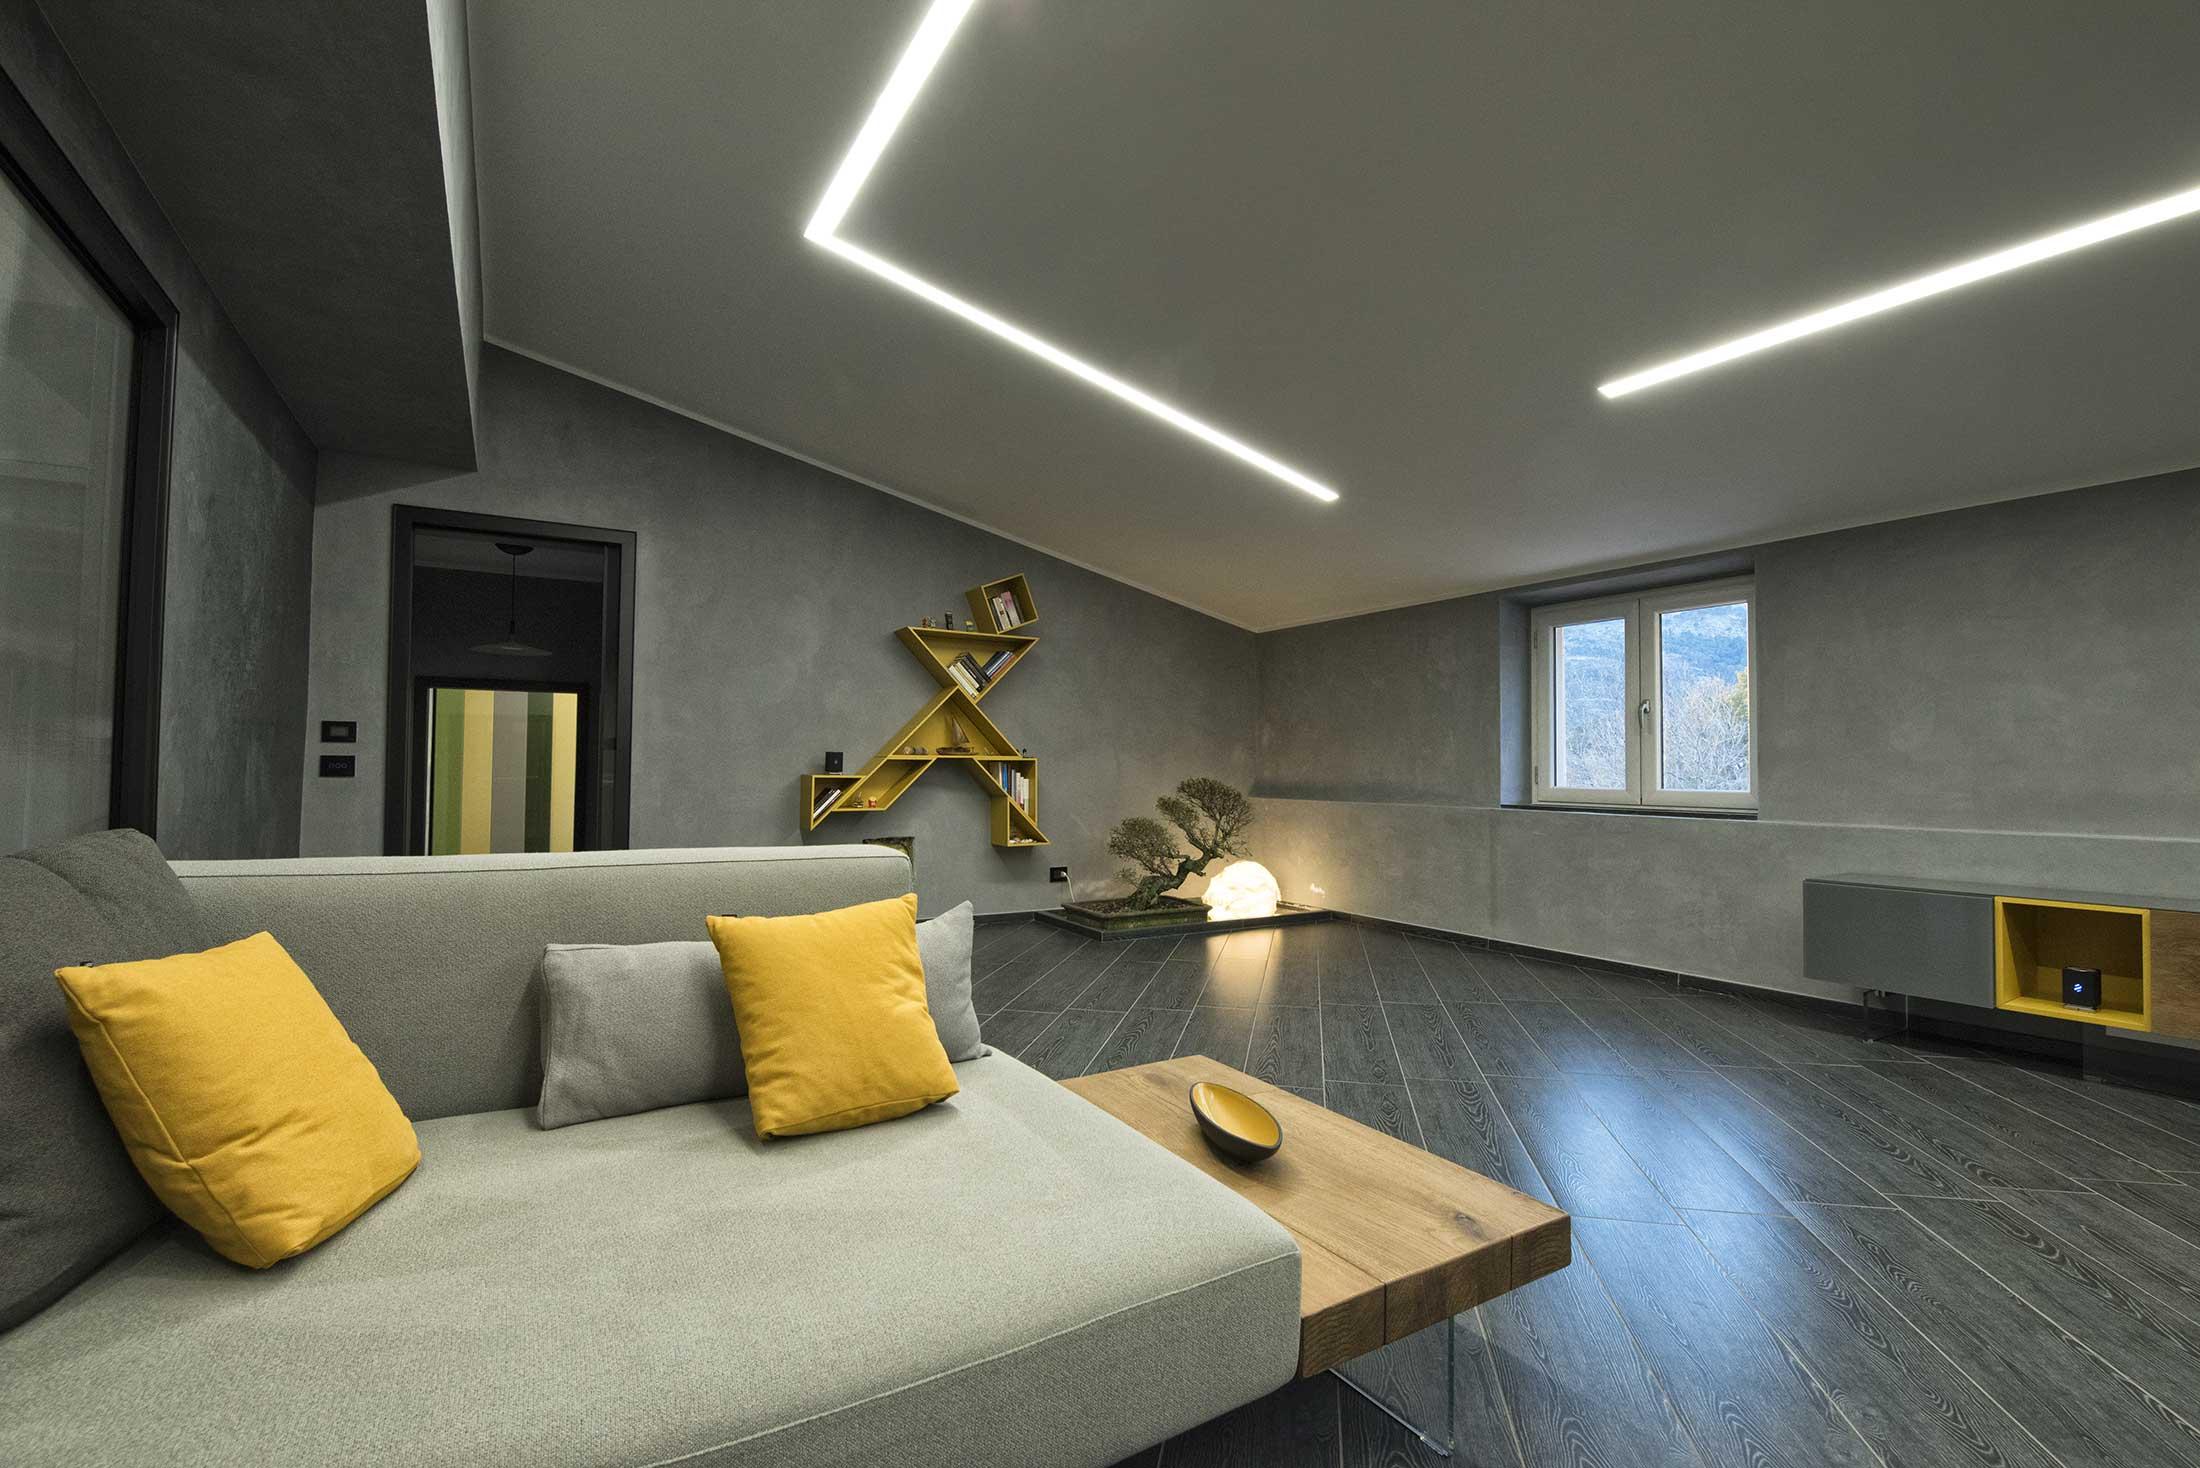 progetti-architettura-design-Formia-Addessi-Design-progettazione (8)